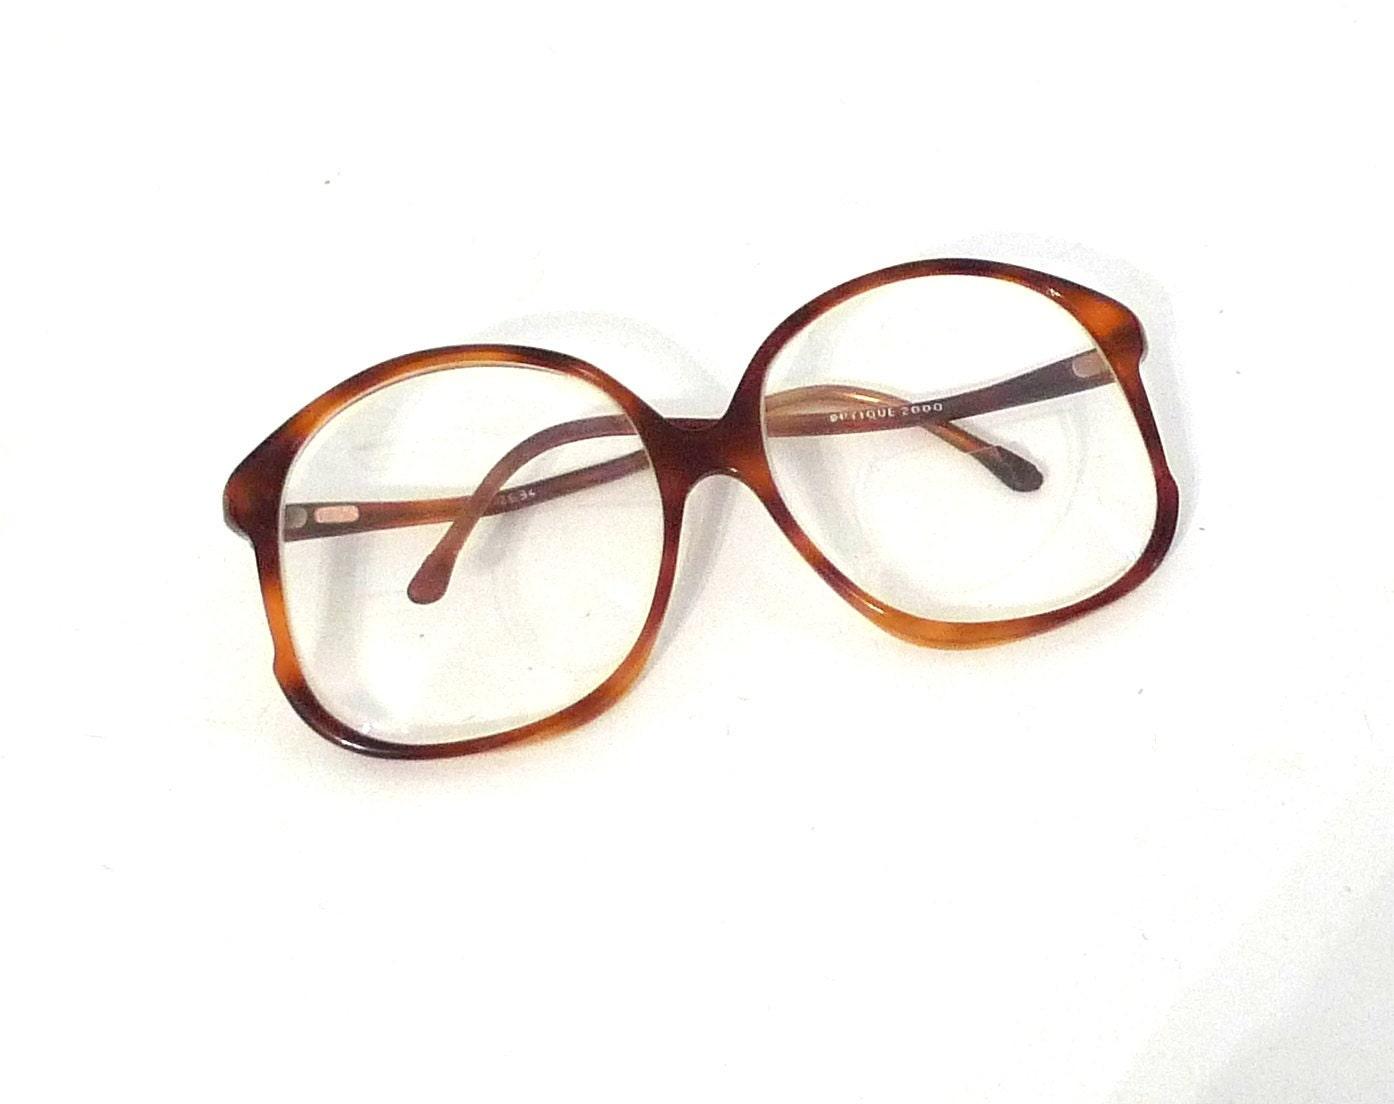 filos horn rimmed preppy eyeglasses frames italy 1980s